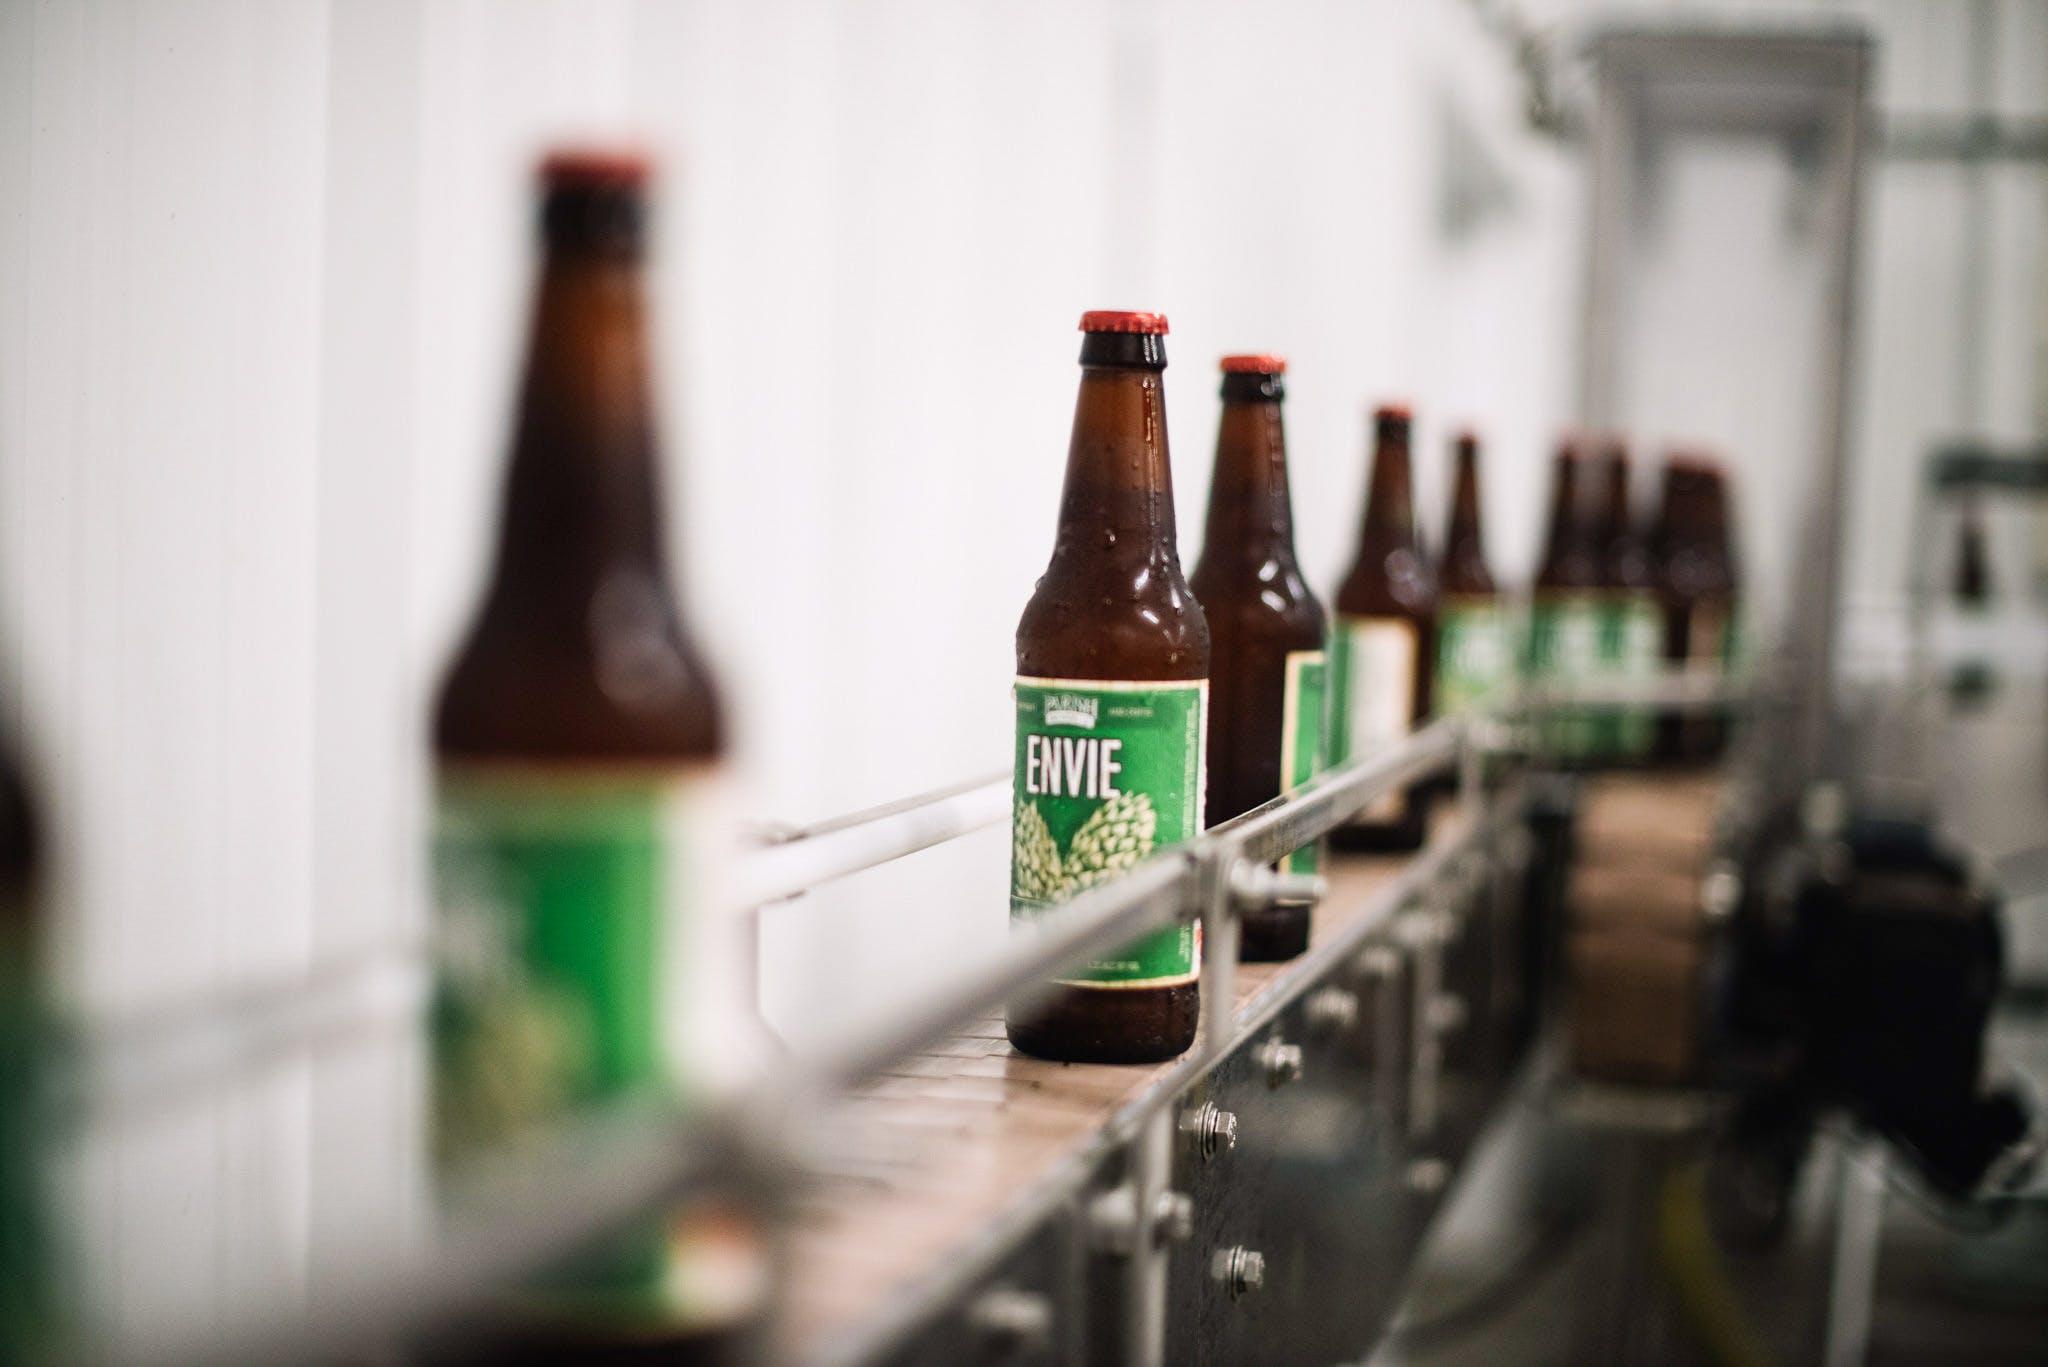 Envie bottling line